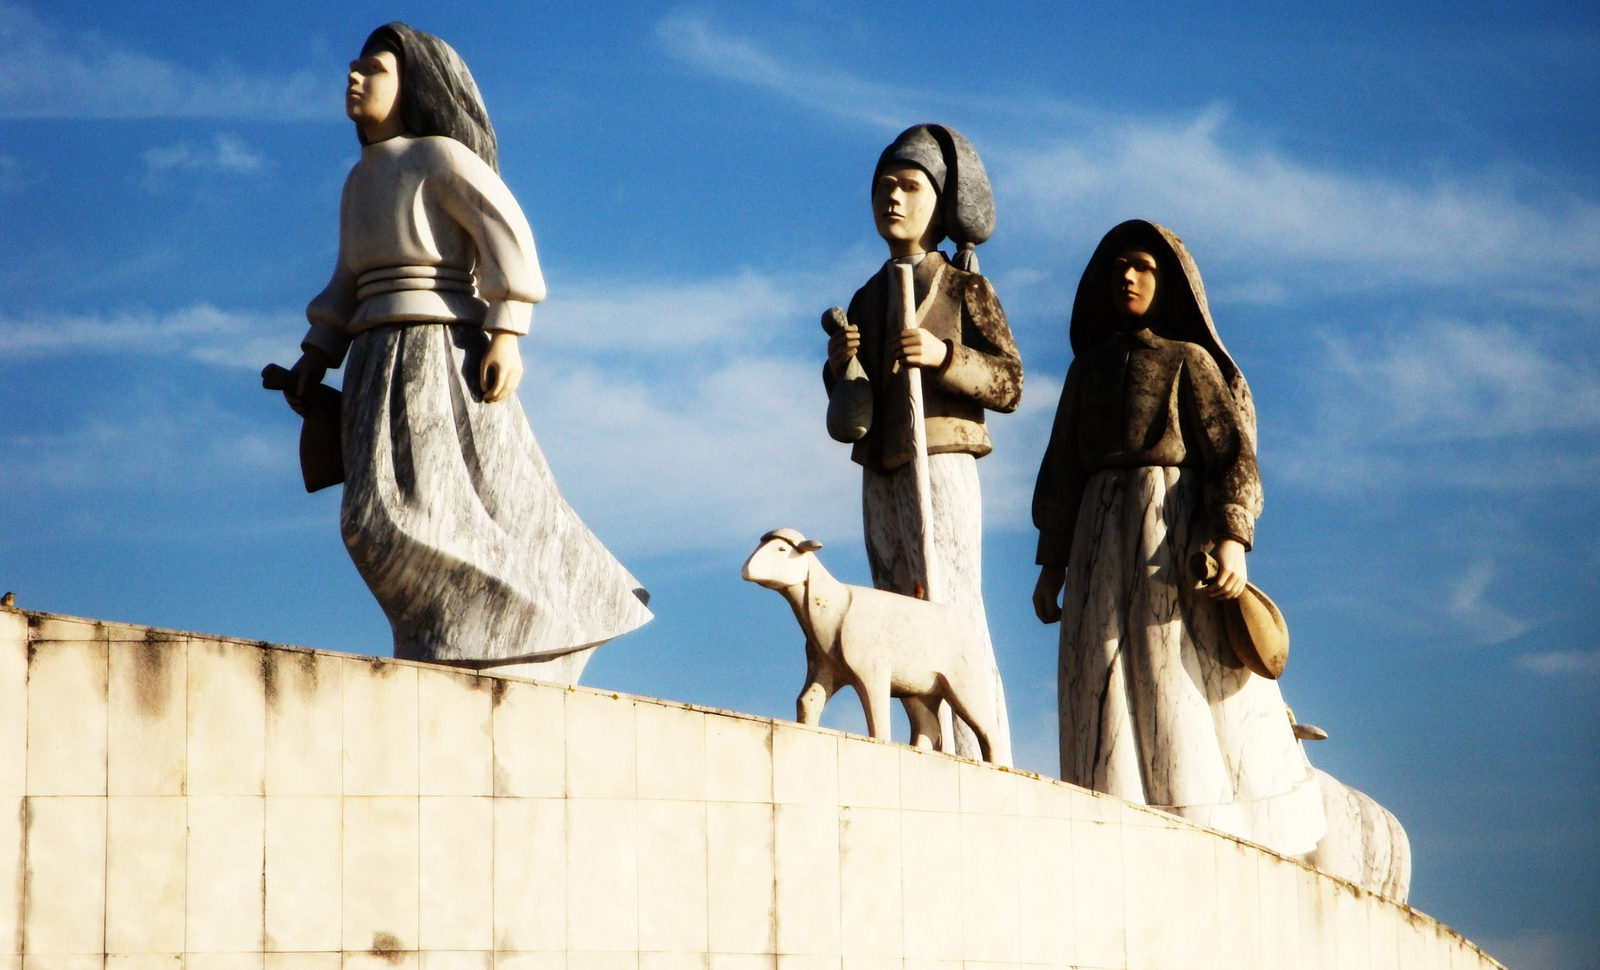 La más Profética de las Apariciones: Virgen de Fátima, Portugal (13 de mayo)